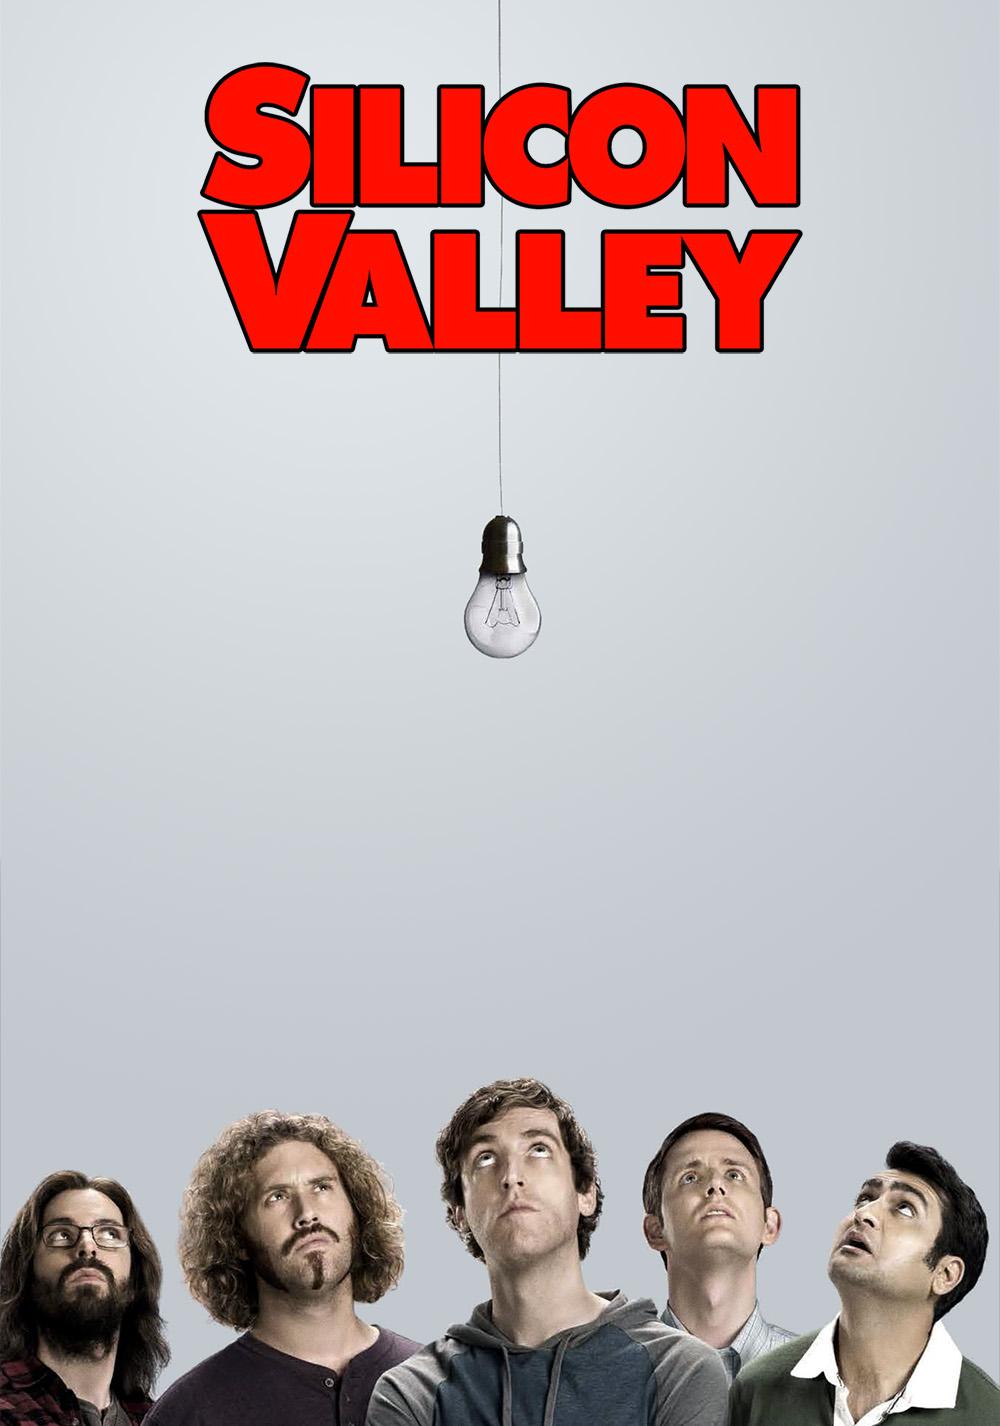 silicon-valley-5509b2e056d88.jpg